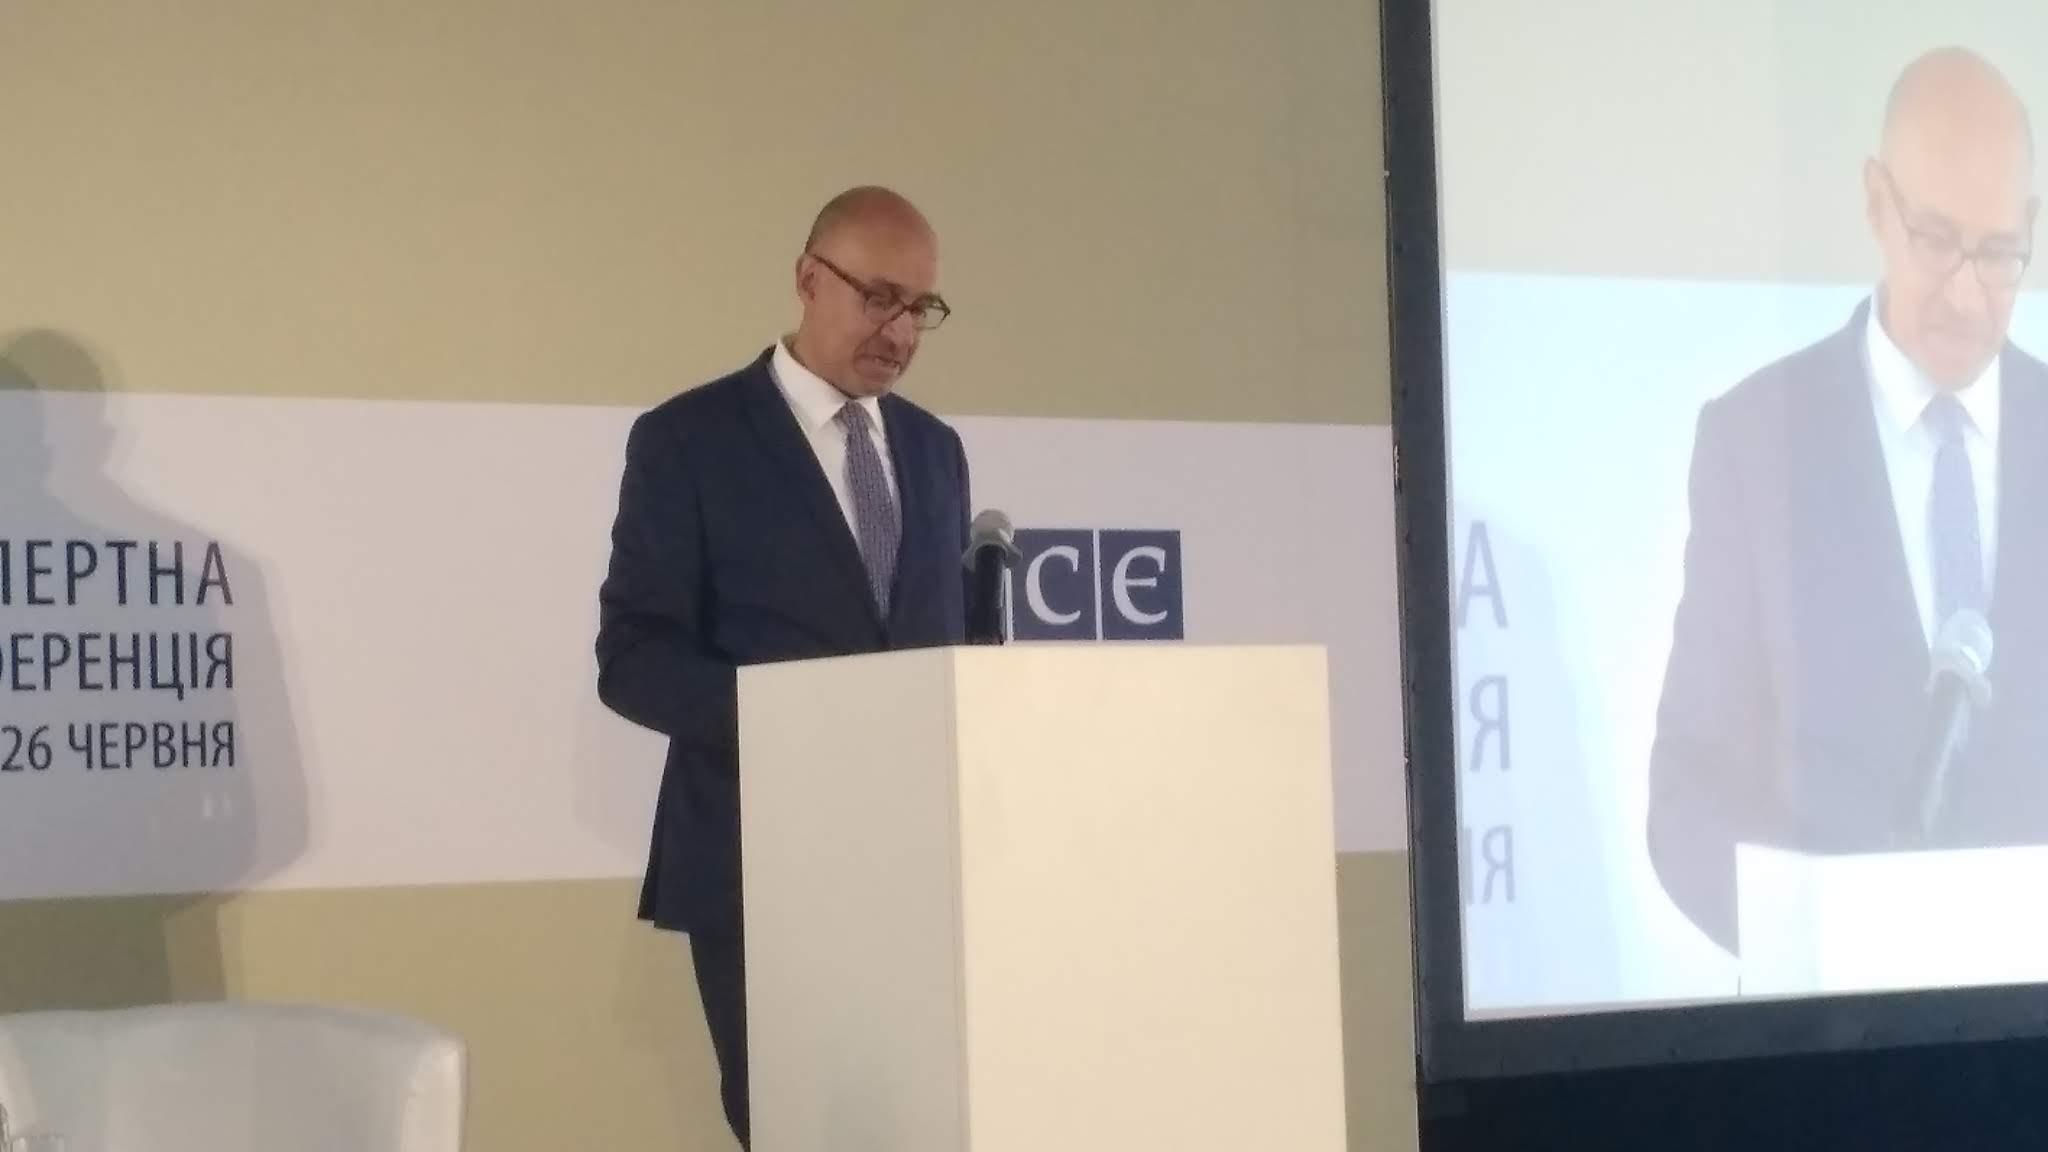 У Києві представник ОБСЄ з питань свободи ЗМІ закликав негайно звільнити Сенцова, Асєєва, Сущенка, Семену